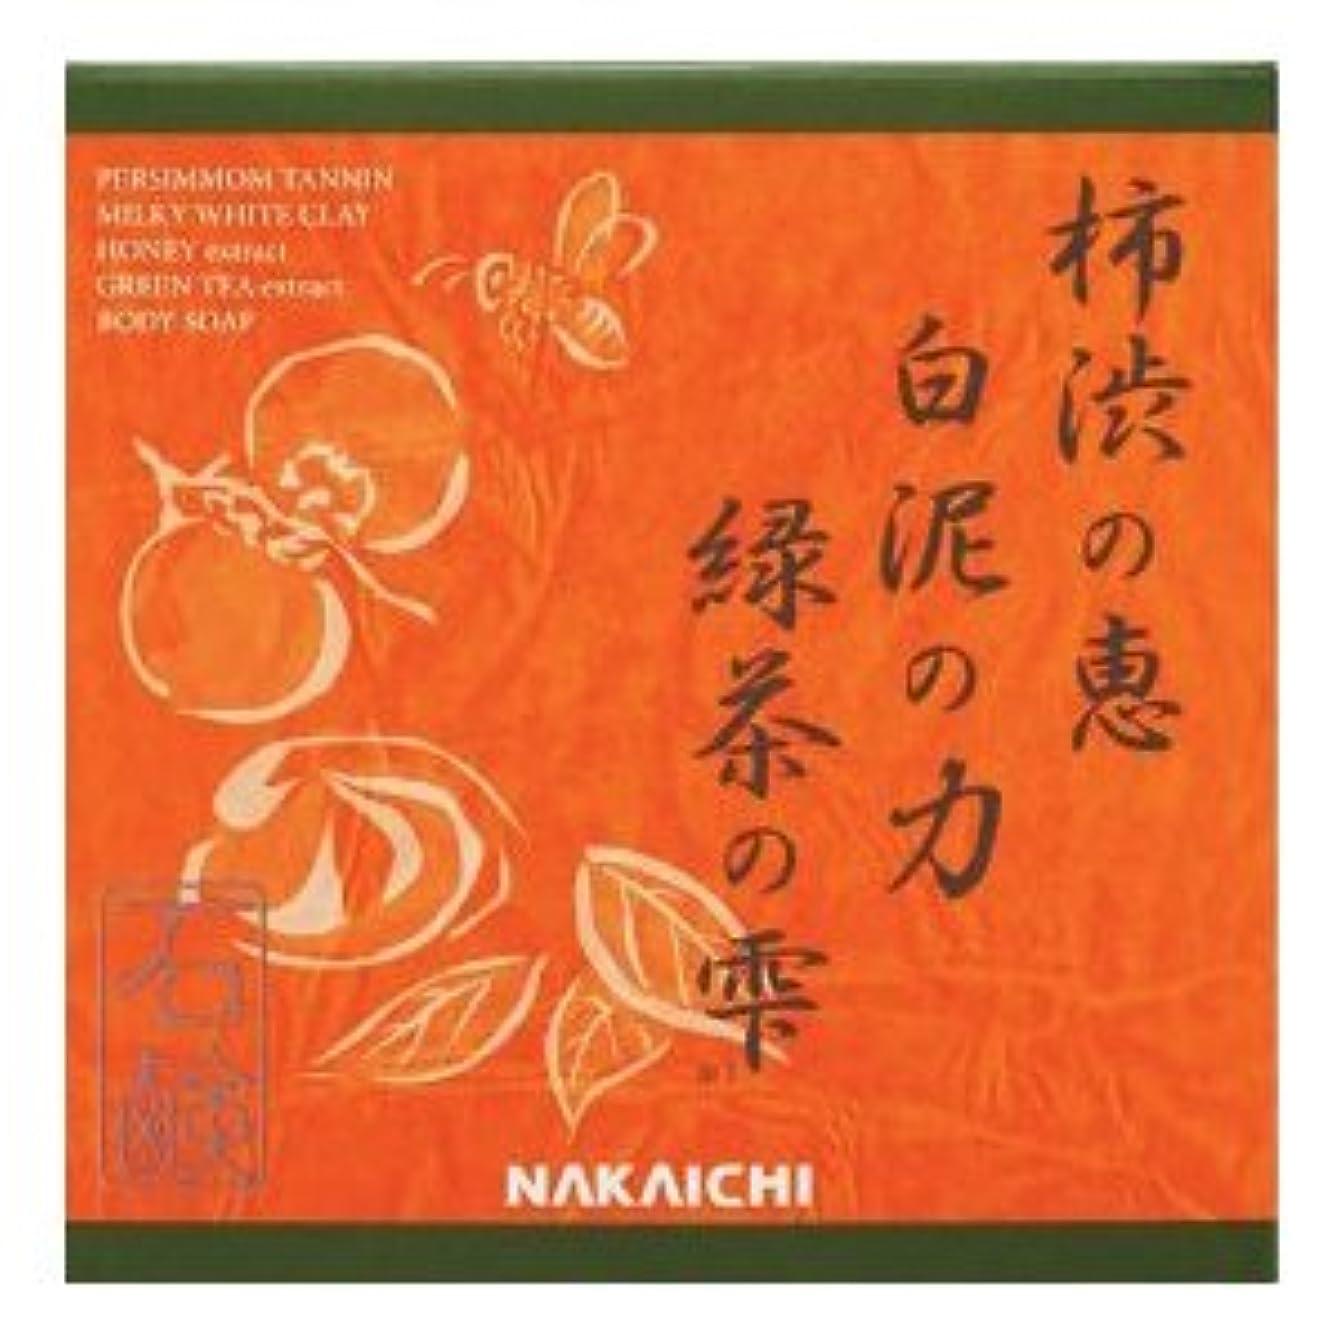 銀河可聴リハーサル柿渋の恵み?白泥の力?緑茶の雫  Nakaichi クリアボディーソープ  100g  (化粧品)